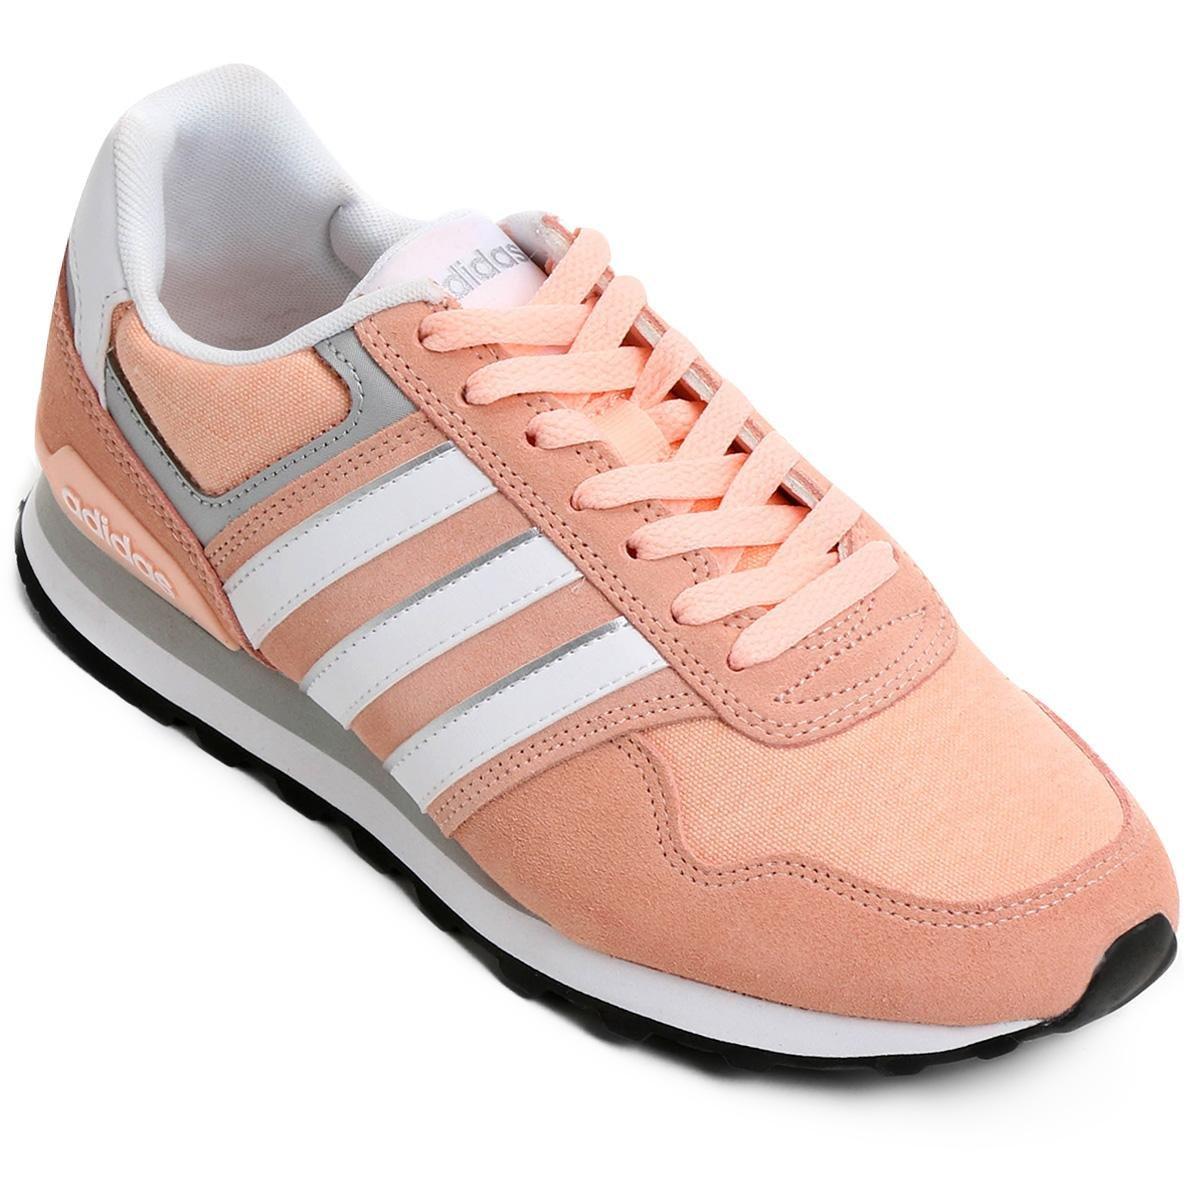 2b973fed02 Tênis Adidas 10K Feminino - Compre Agora